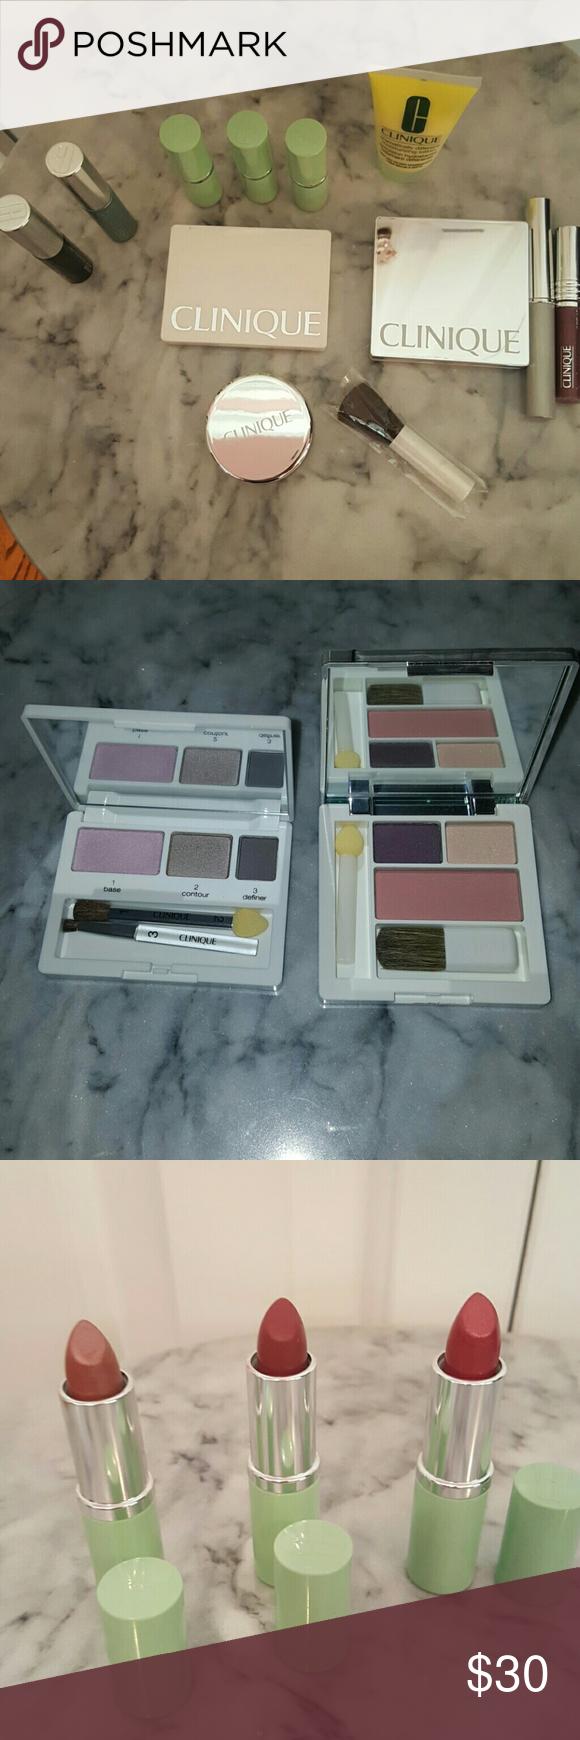 Clinique Bundle Sephora makeup, Clinique, Lip colors